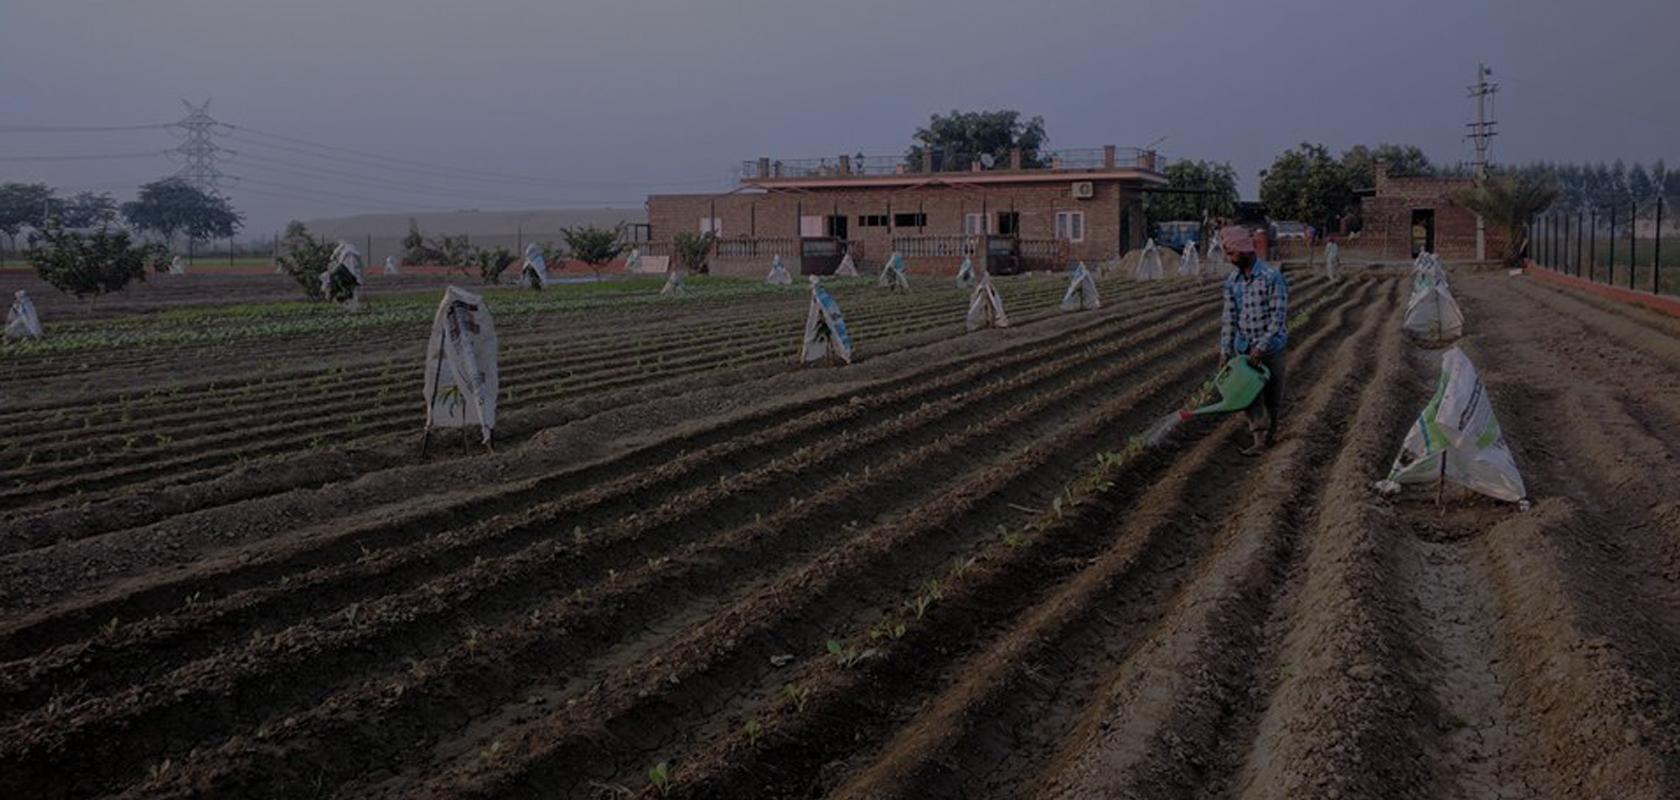 Hunsali Organic Farm & Farm Stay